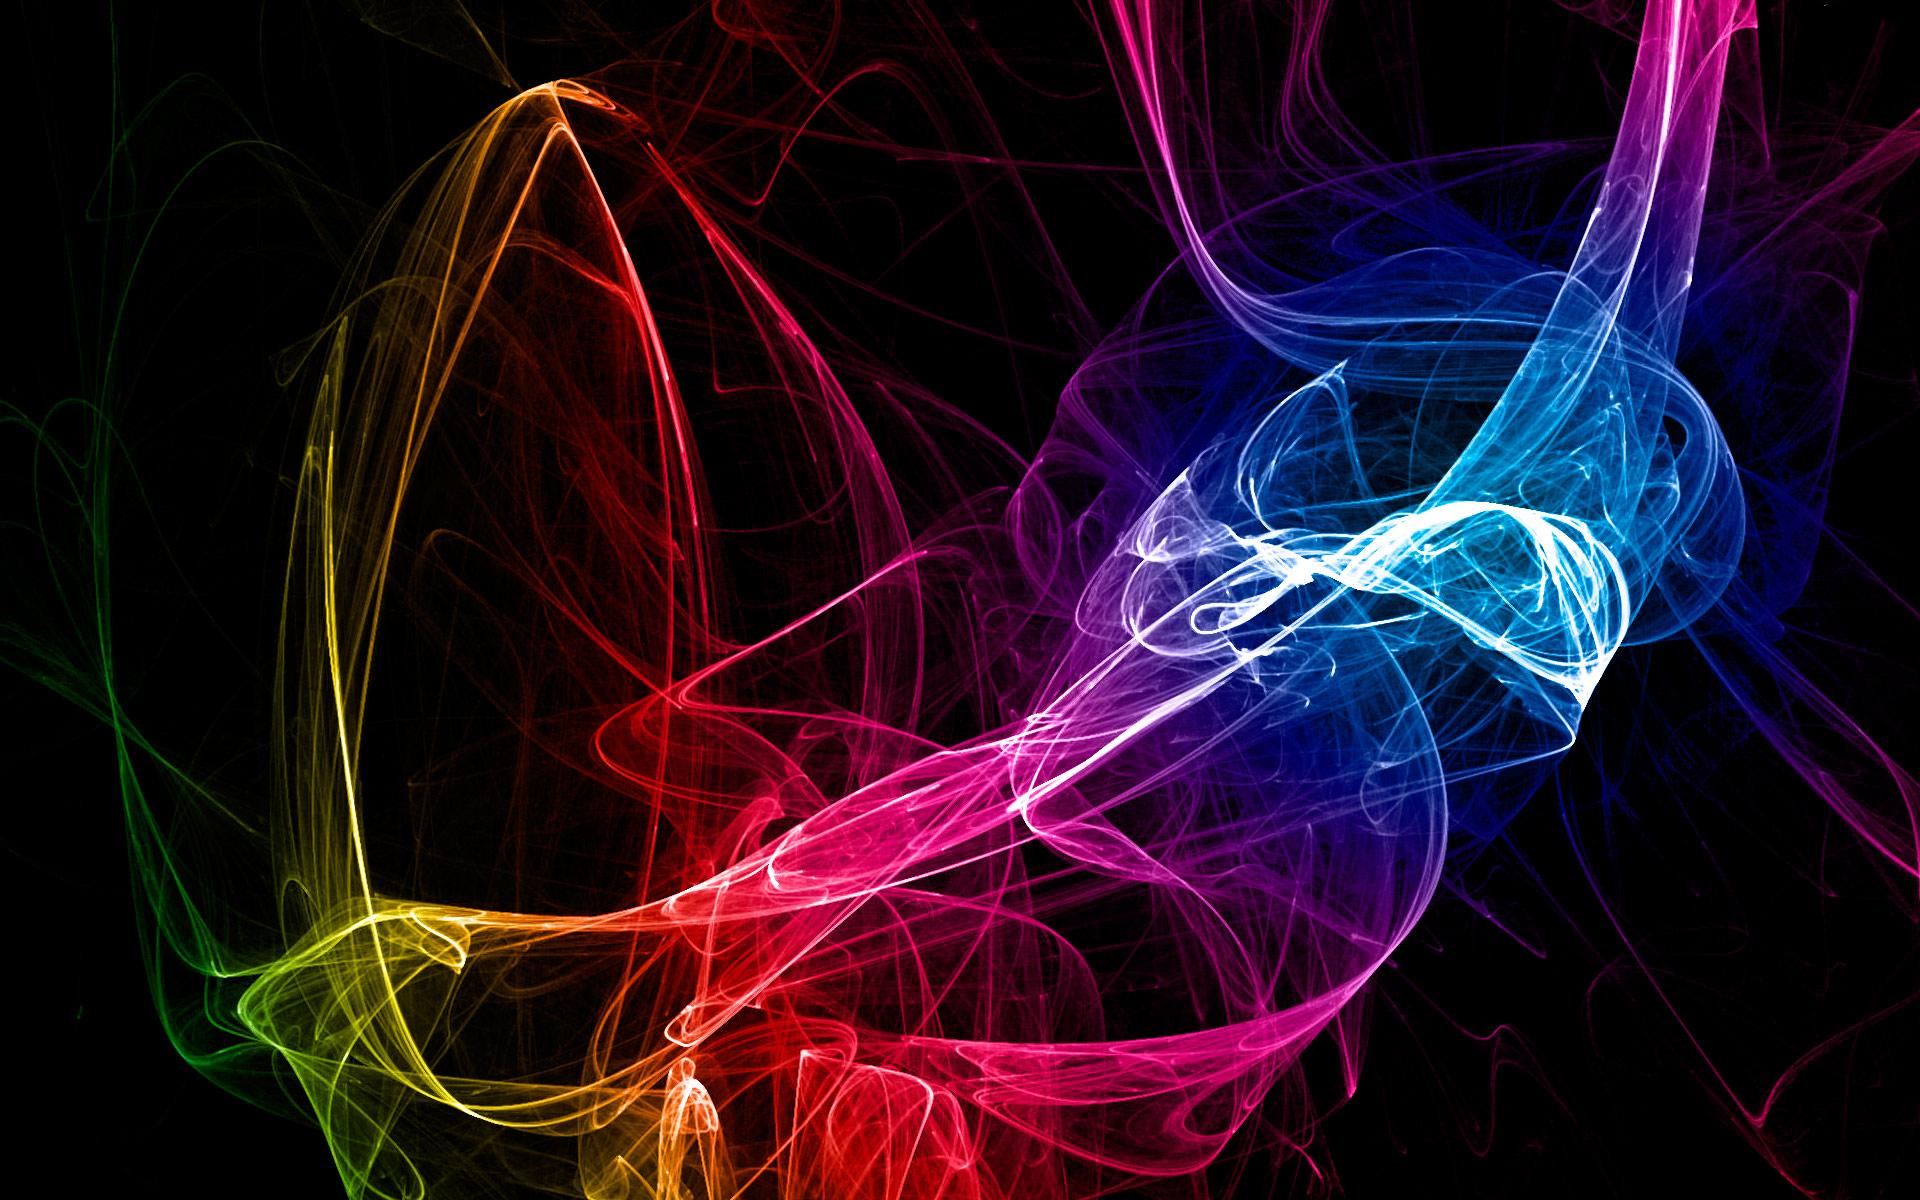 43 Colorful Desktop Backgrounds   Technosamrat 1920x1200